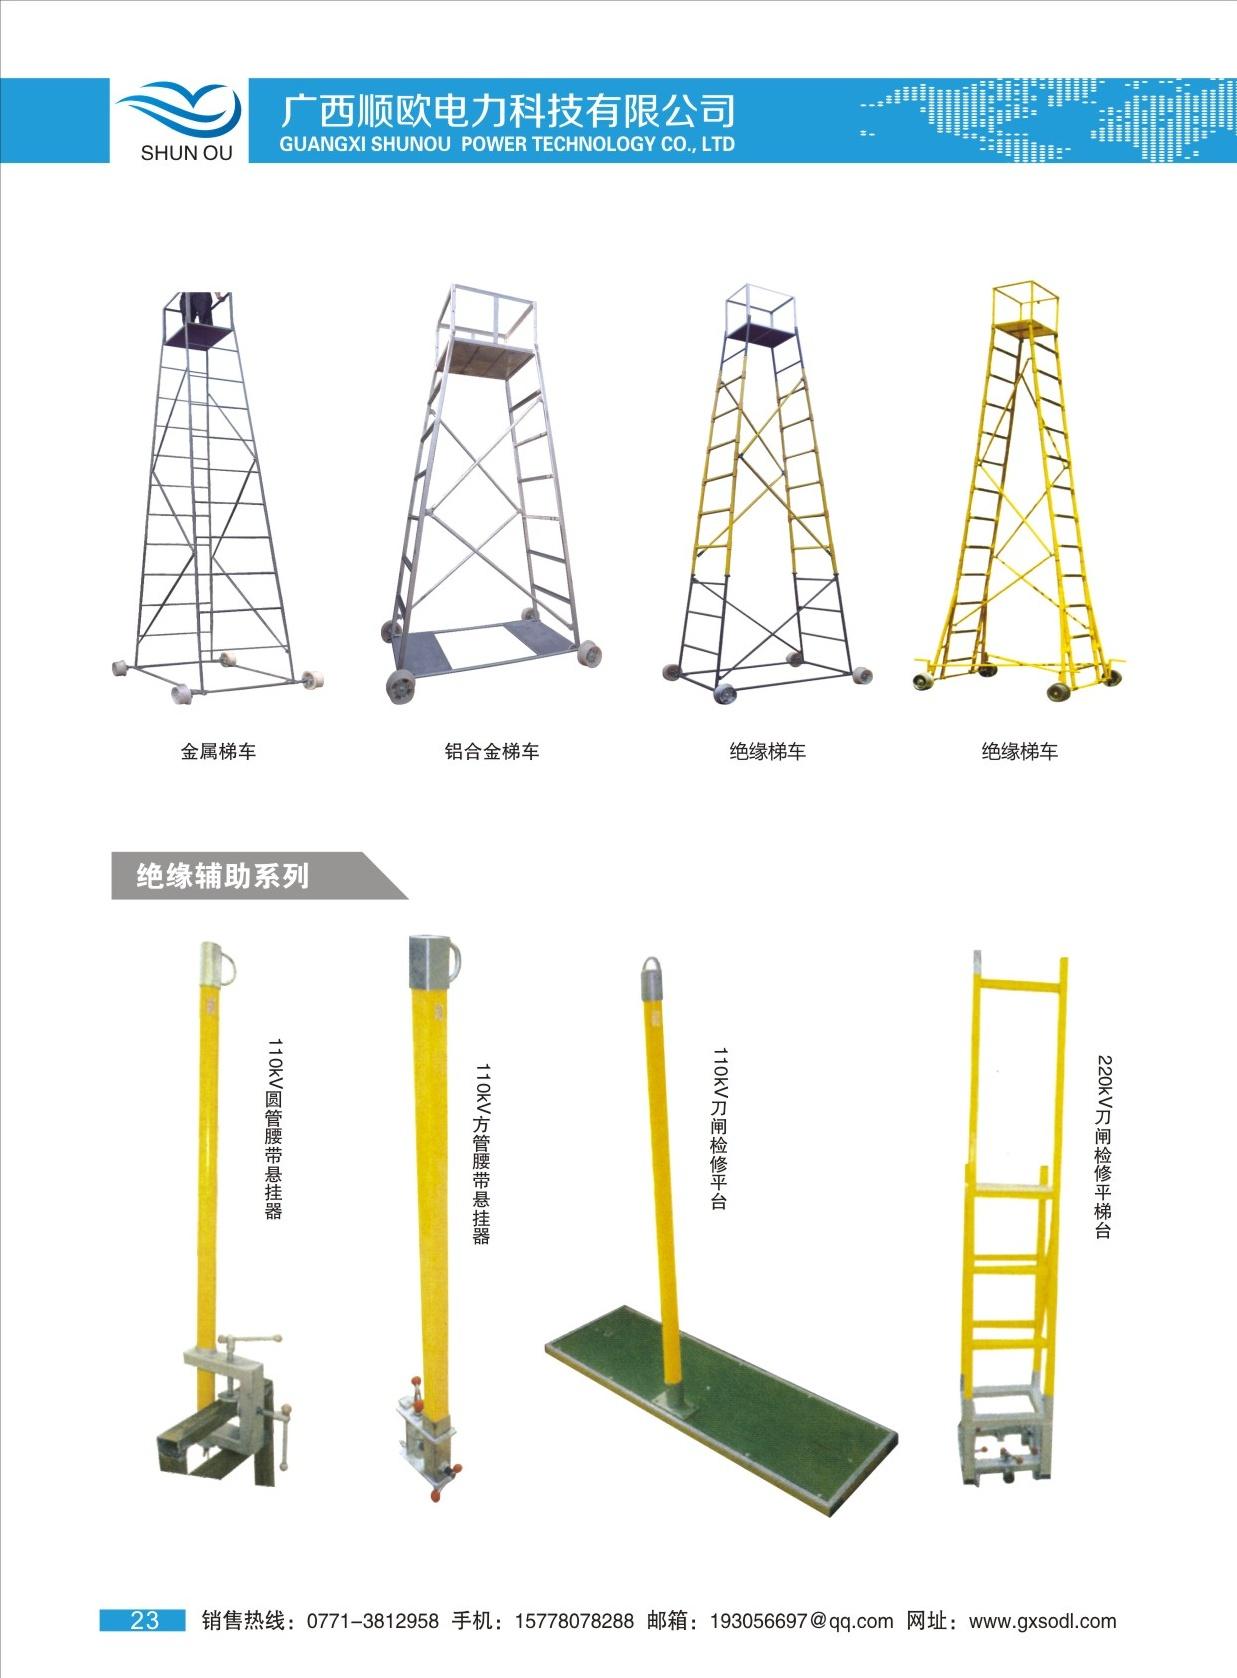 1-15_看图王.jpg